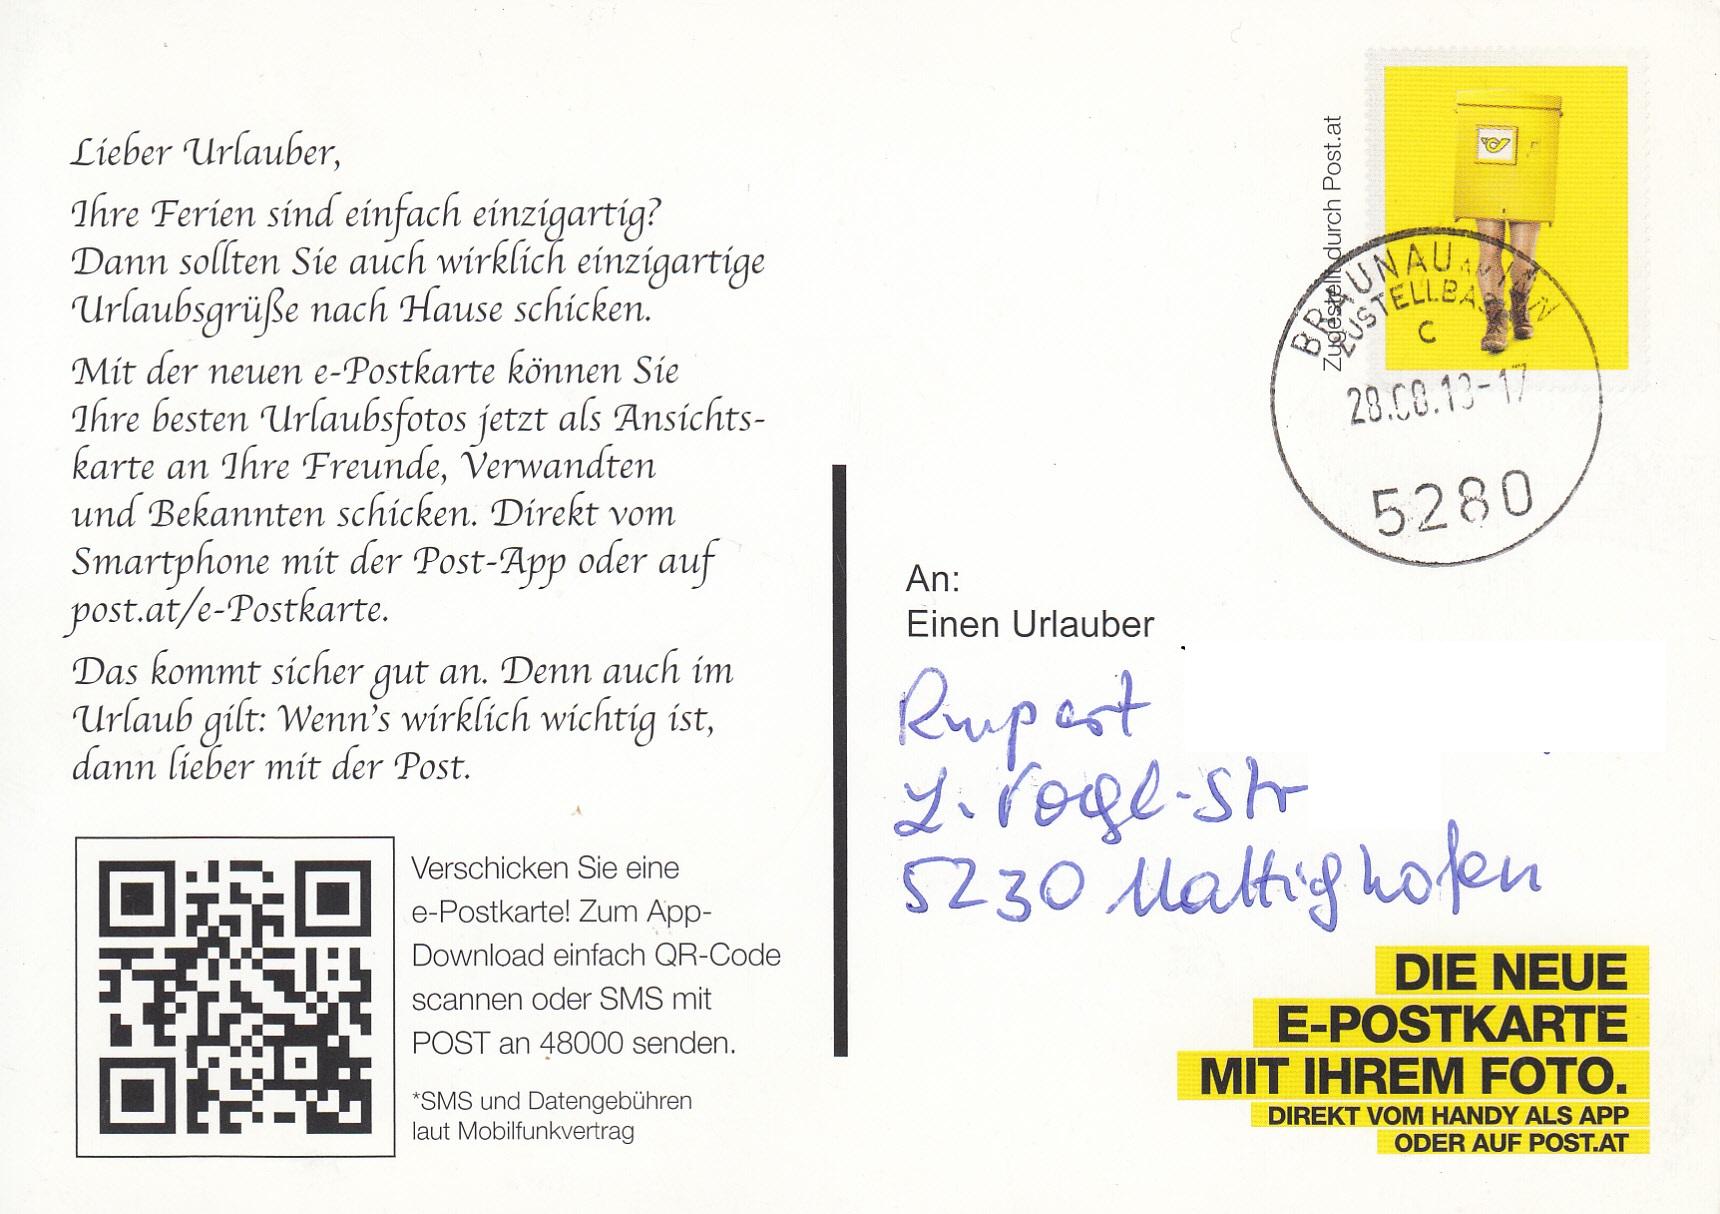 Postdienst – Service des postes - Postdienstkarten - Österreich Img_0280